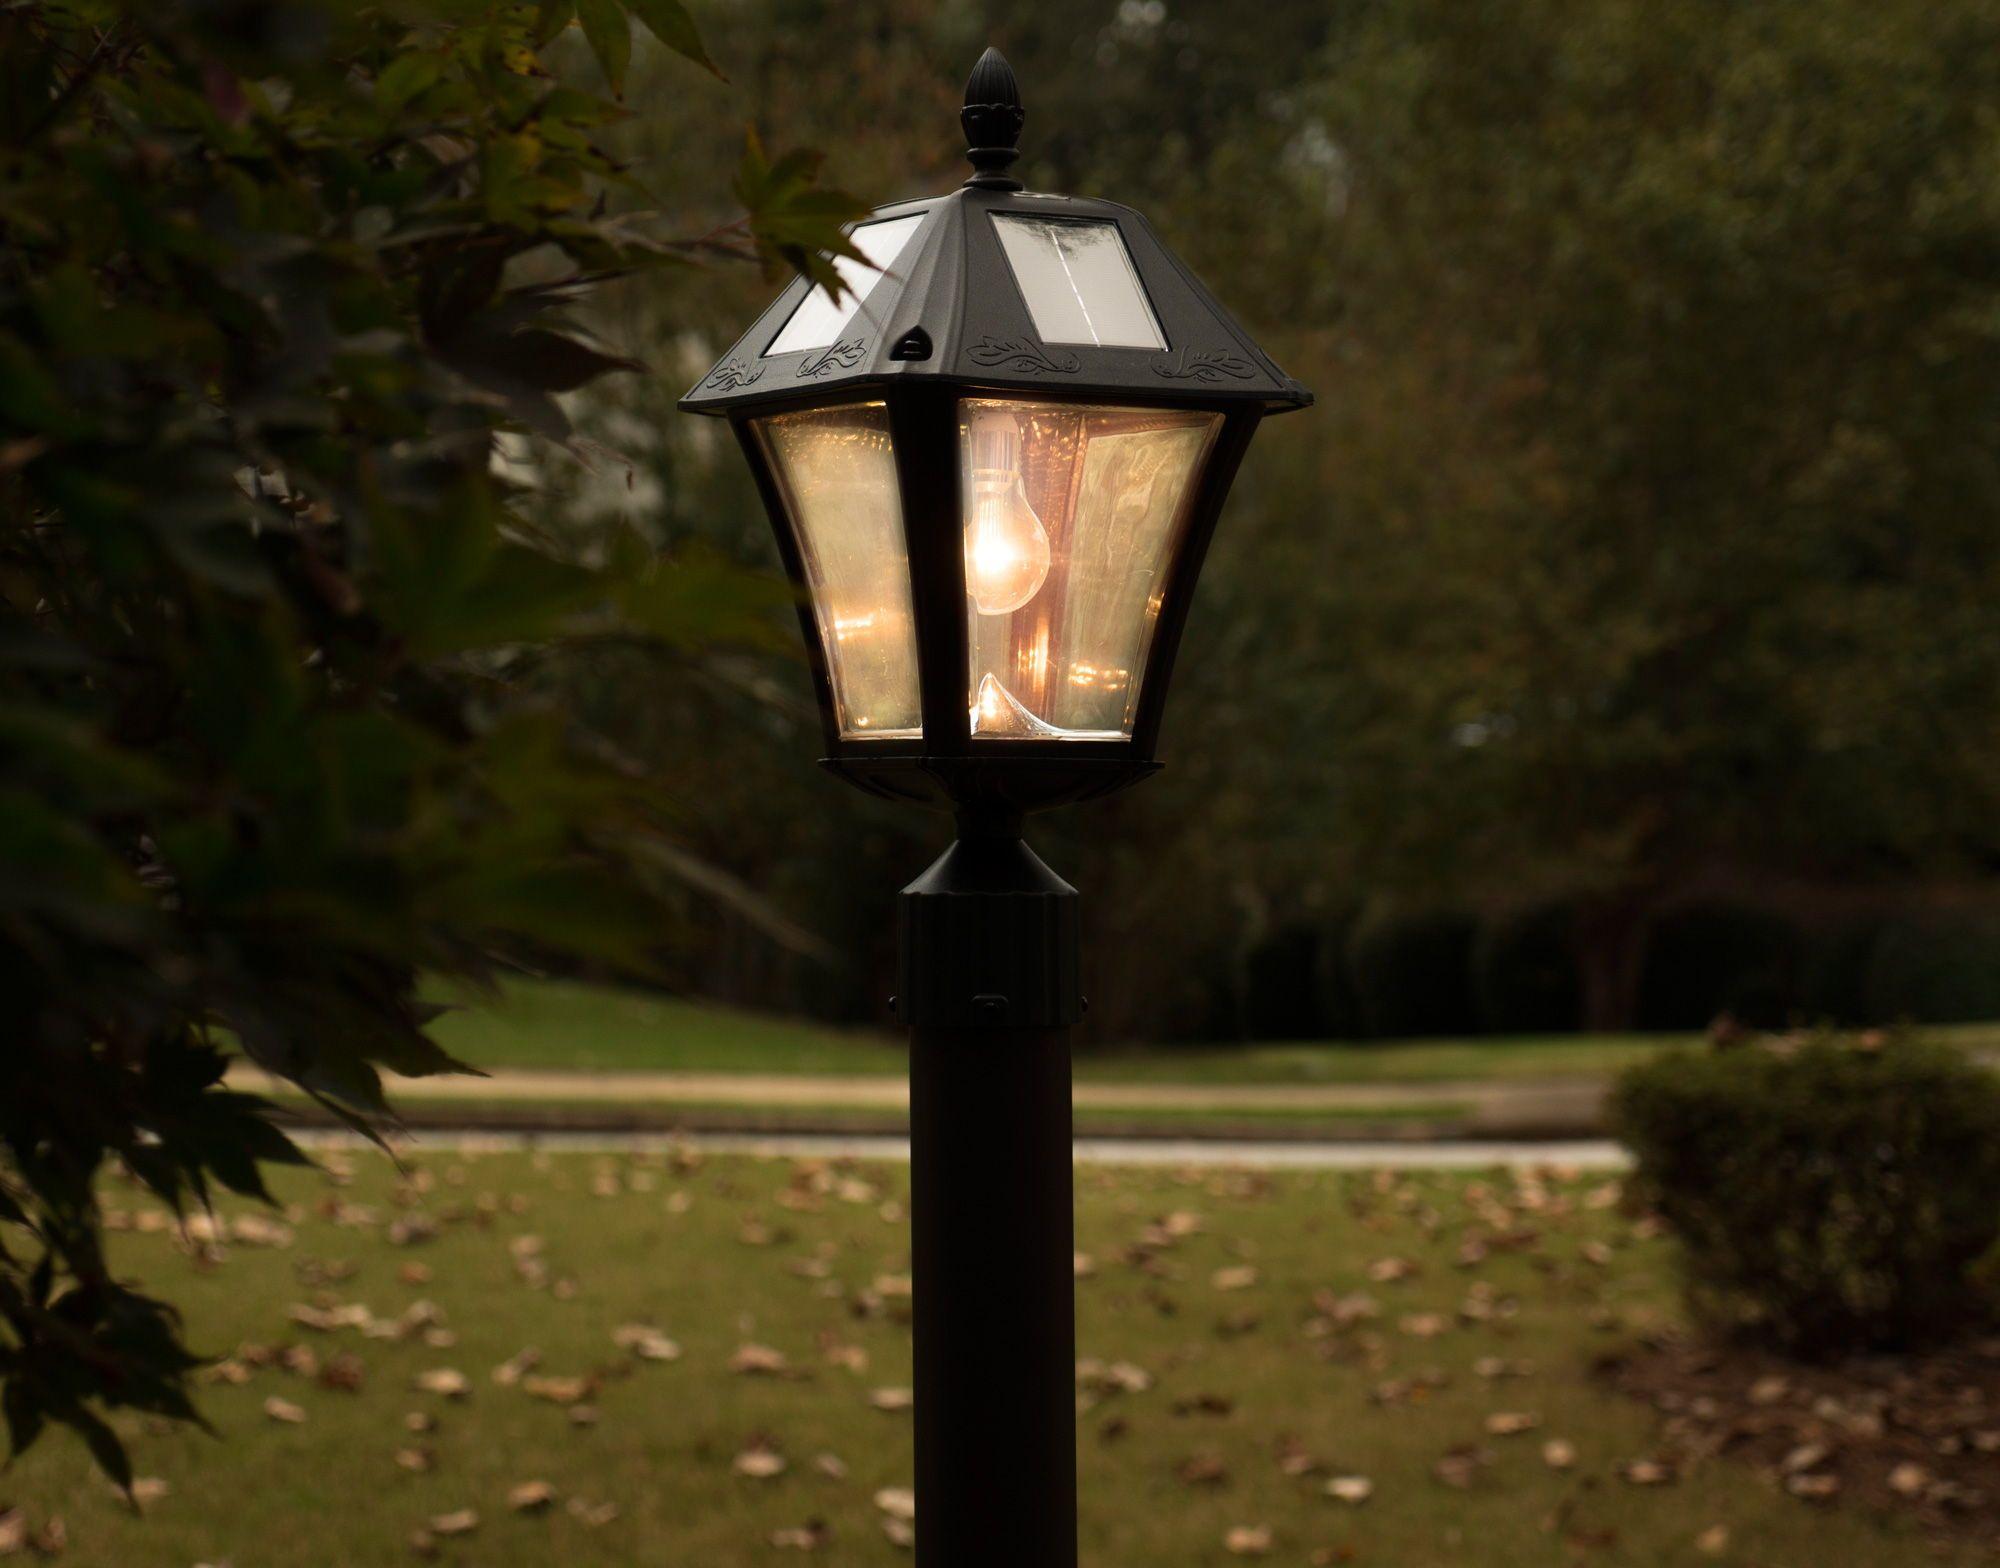 Baytown Ii Bulb Solar Lamp With Gs Solar Led Light Bulb Gs 105b Fpw Solar Led Lights Outdoor Light Fixtures Solar Lamp Post